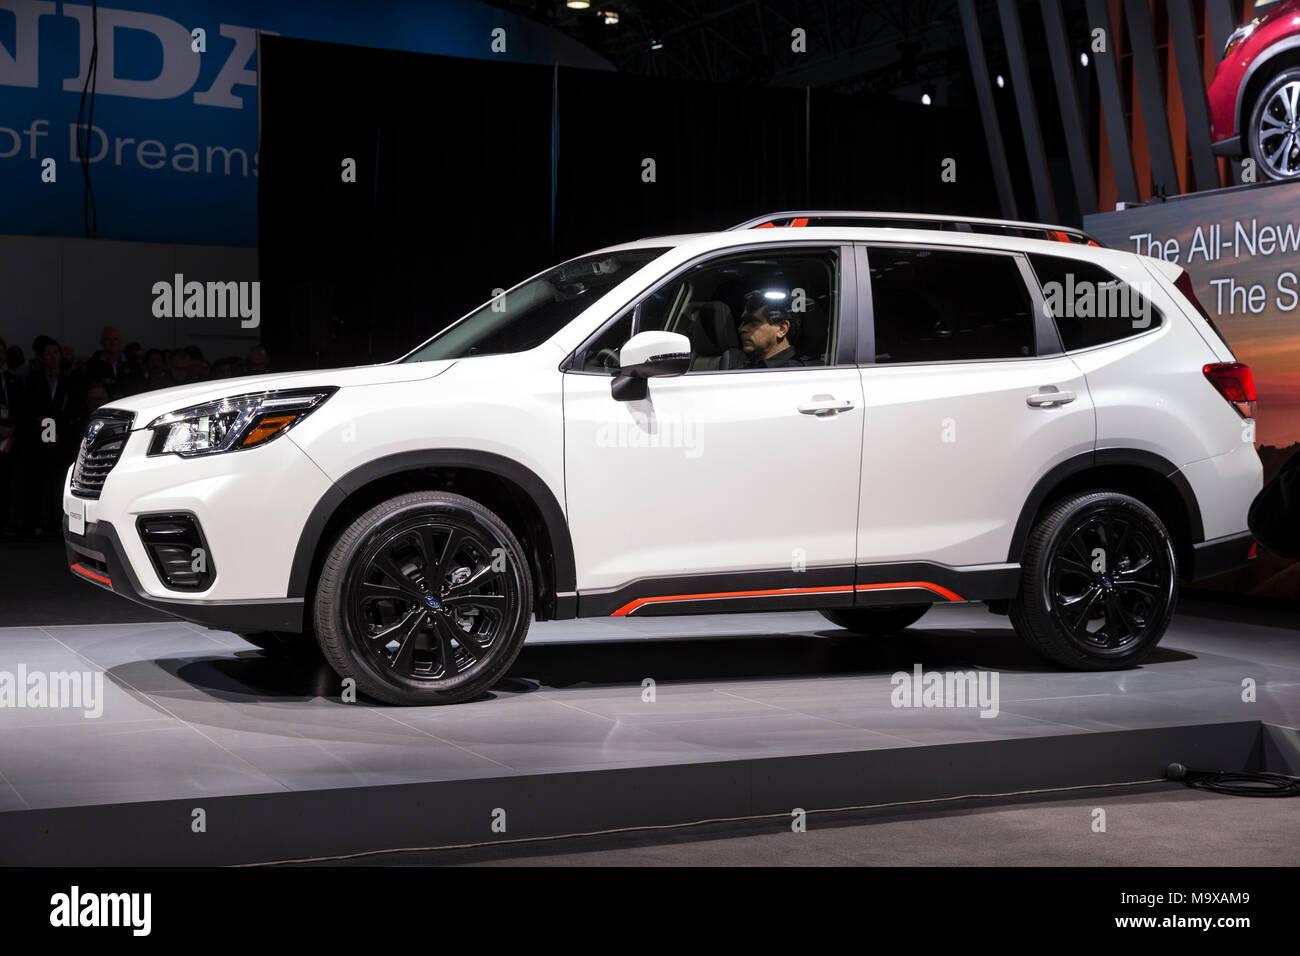 New York Usa 28th Mar 2018 Subaru Forester Suv 2019 On Display